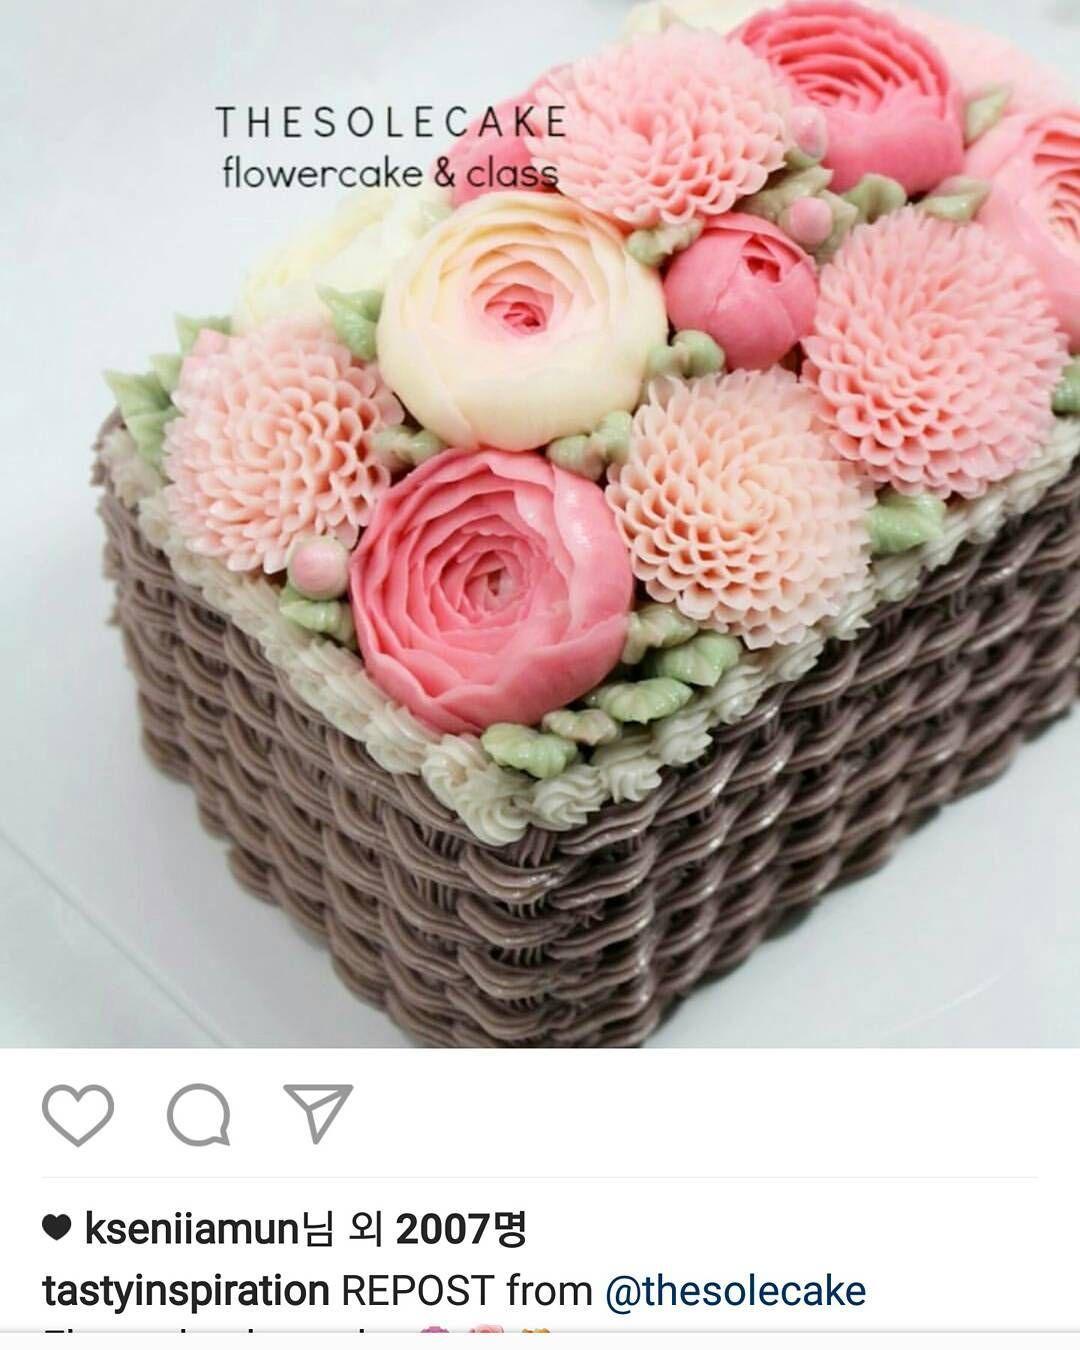 꺅~~ 반신반의했던 바구니 아이싱.. 처음으로 '리포스트' 됐당..더 쏠! 더 열심히.. #케이크#버터크림플라워케이크 #버터크림케이크 #플라워케이크 #더쏠케이크 #클래스 #buttercreamcake #cake #flowercake #thesolecake #class #privatelesson